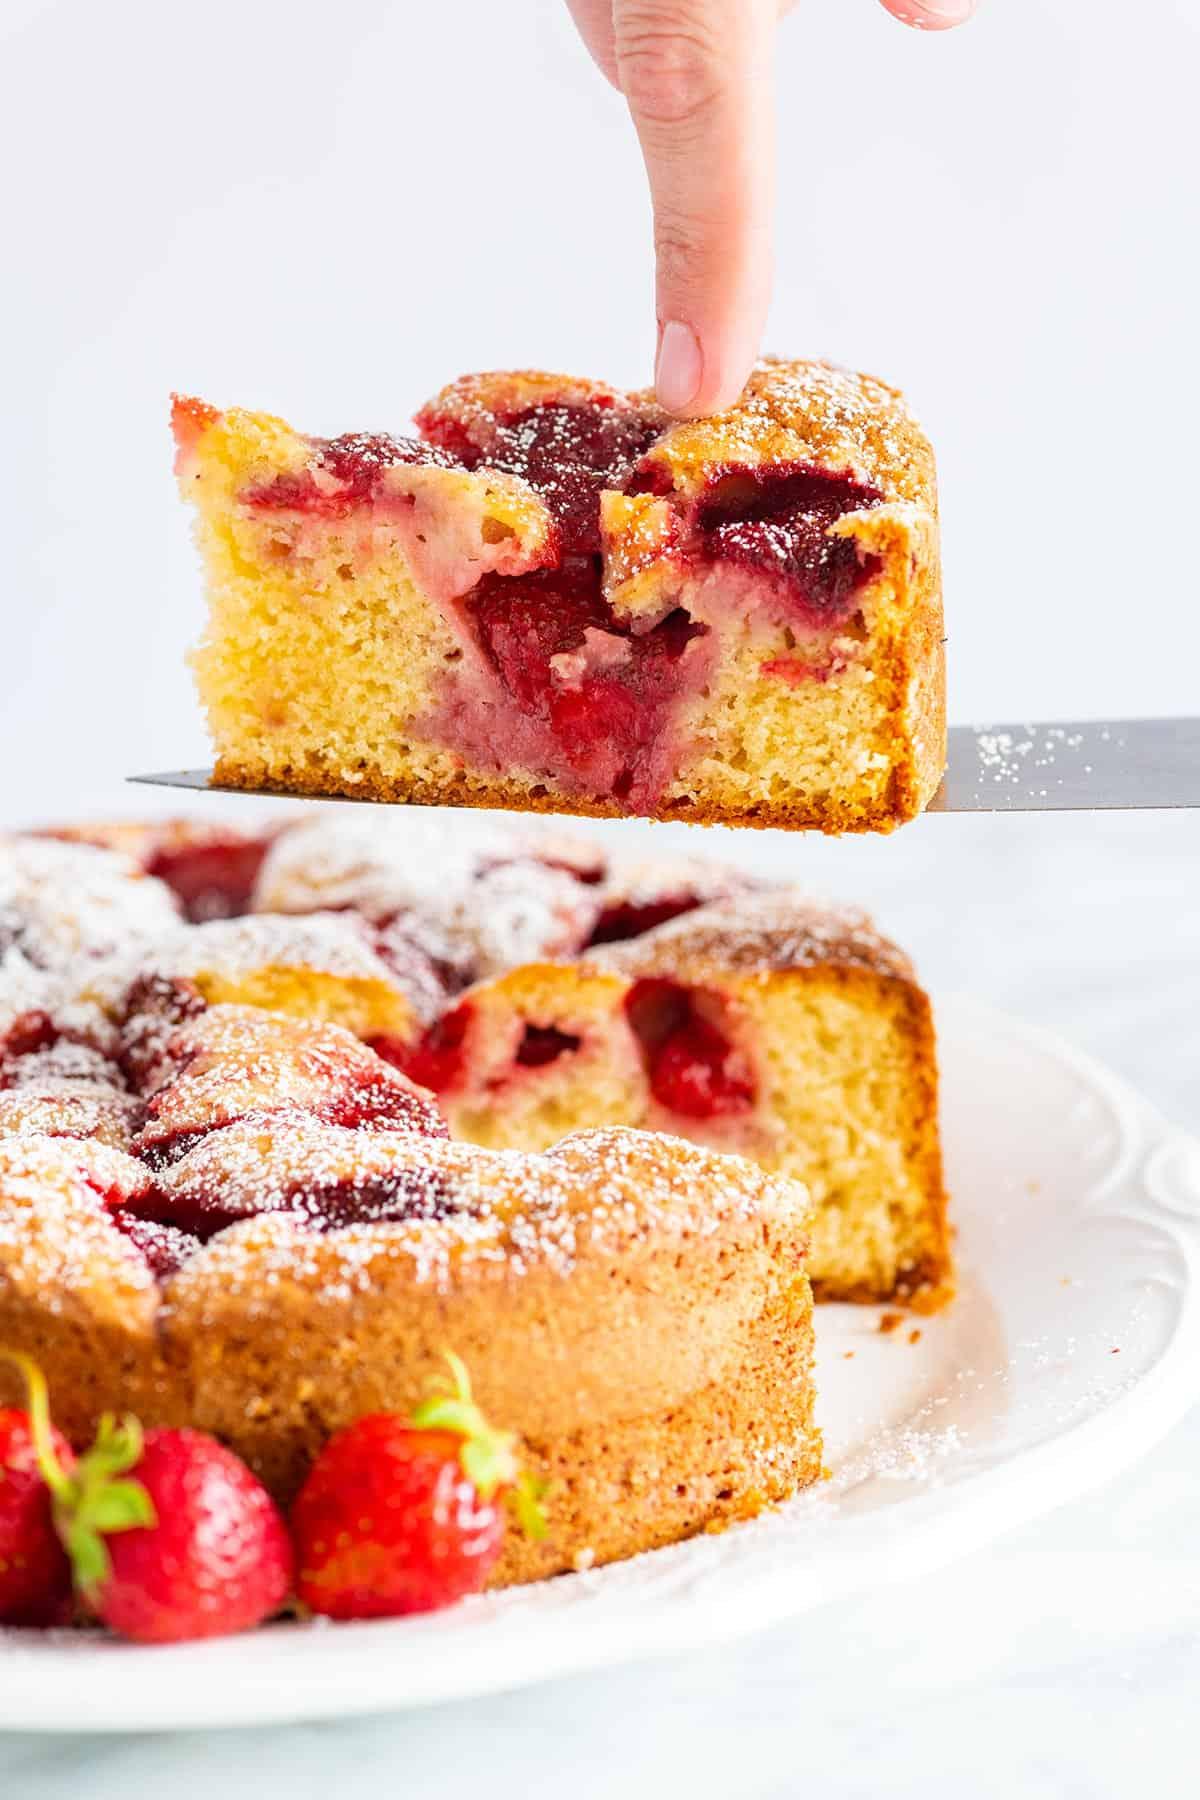 Stunning fresh strawberry cake